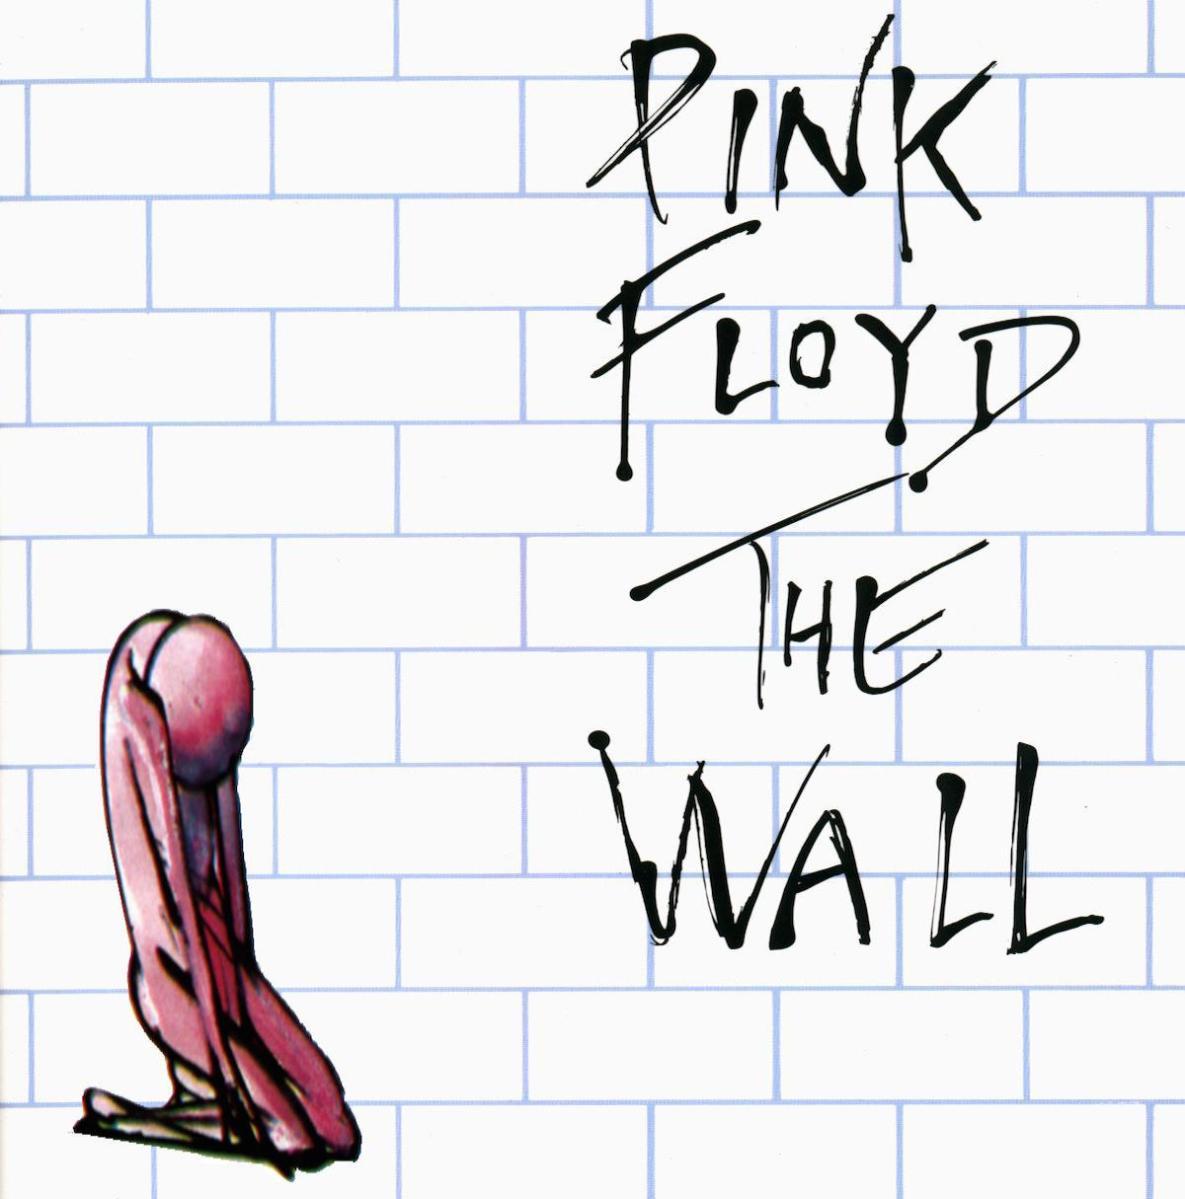 The Wall Nedir? Ne Anlatır?